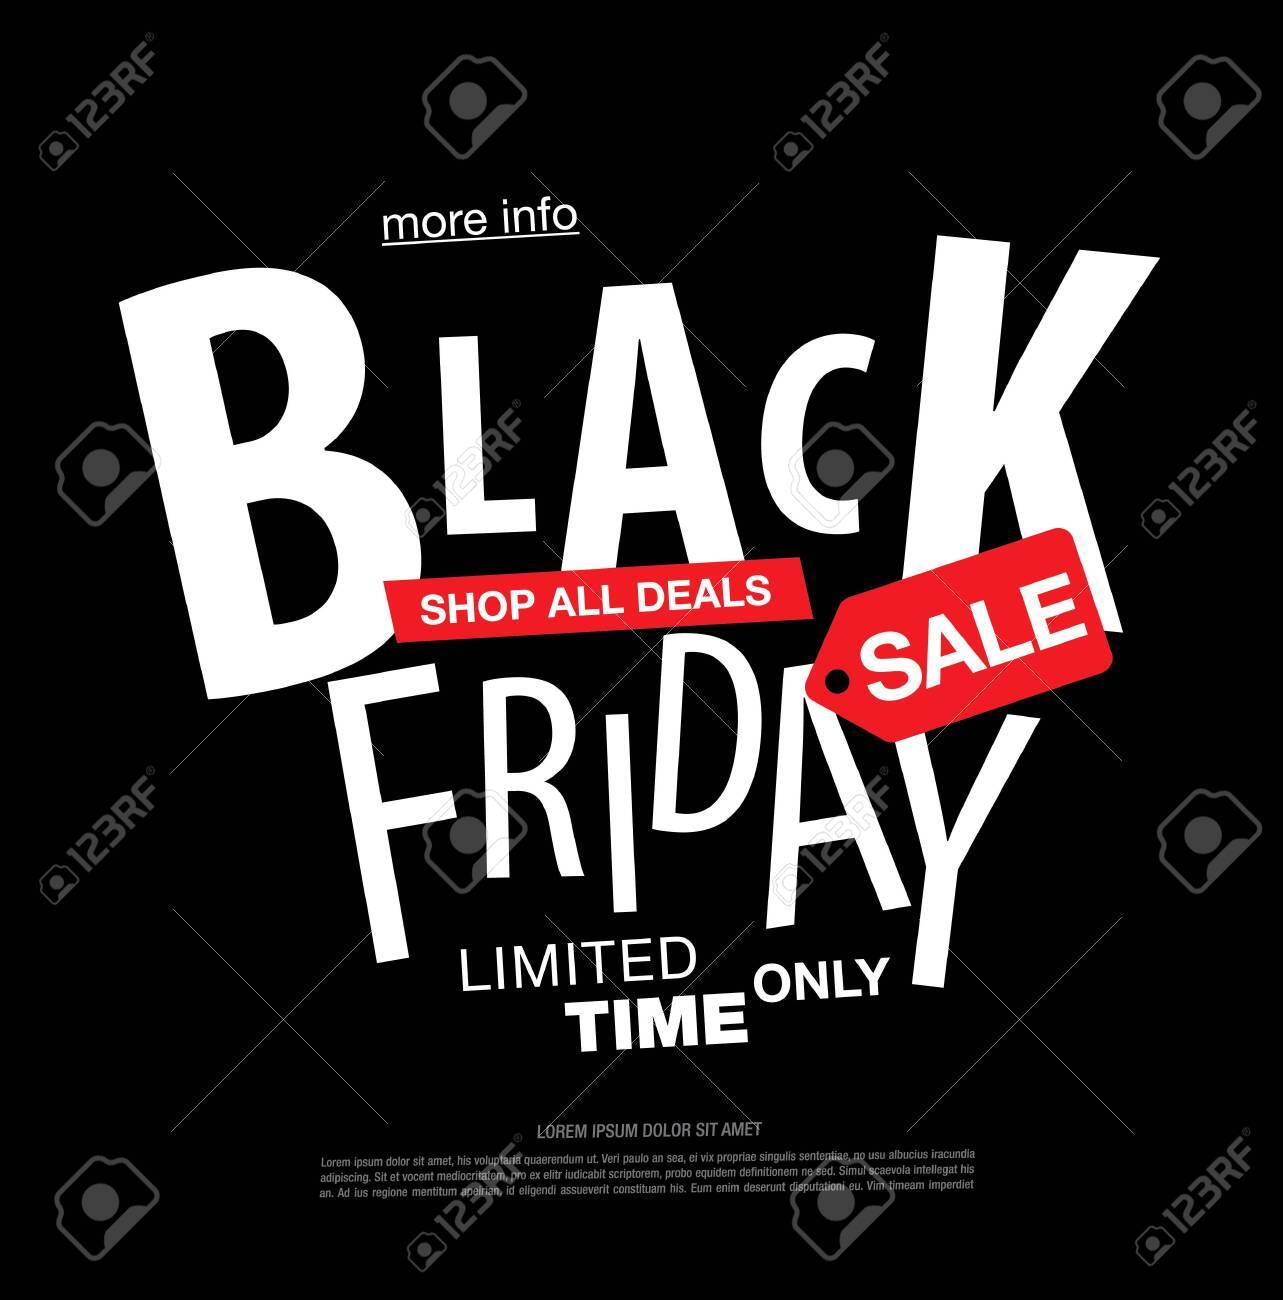 black friday sale label layout design, vector illustration - 134358997